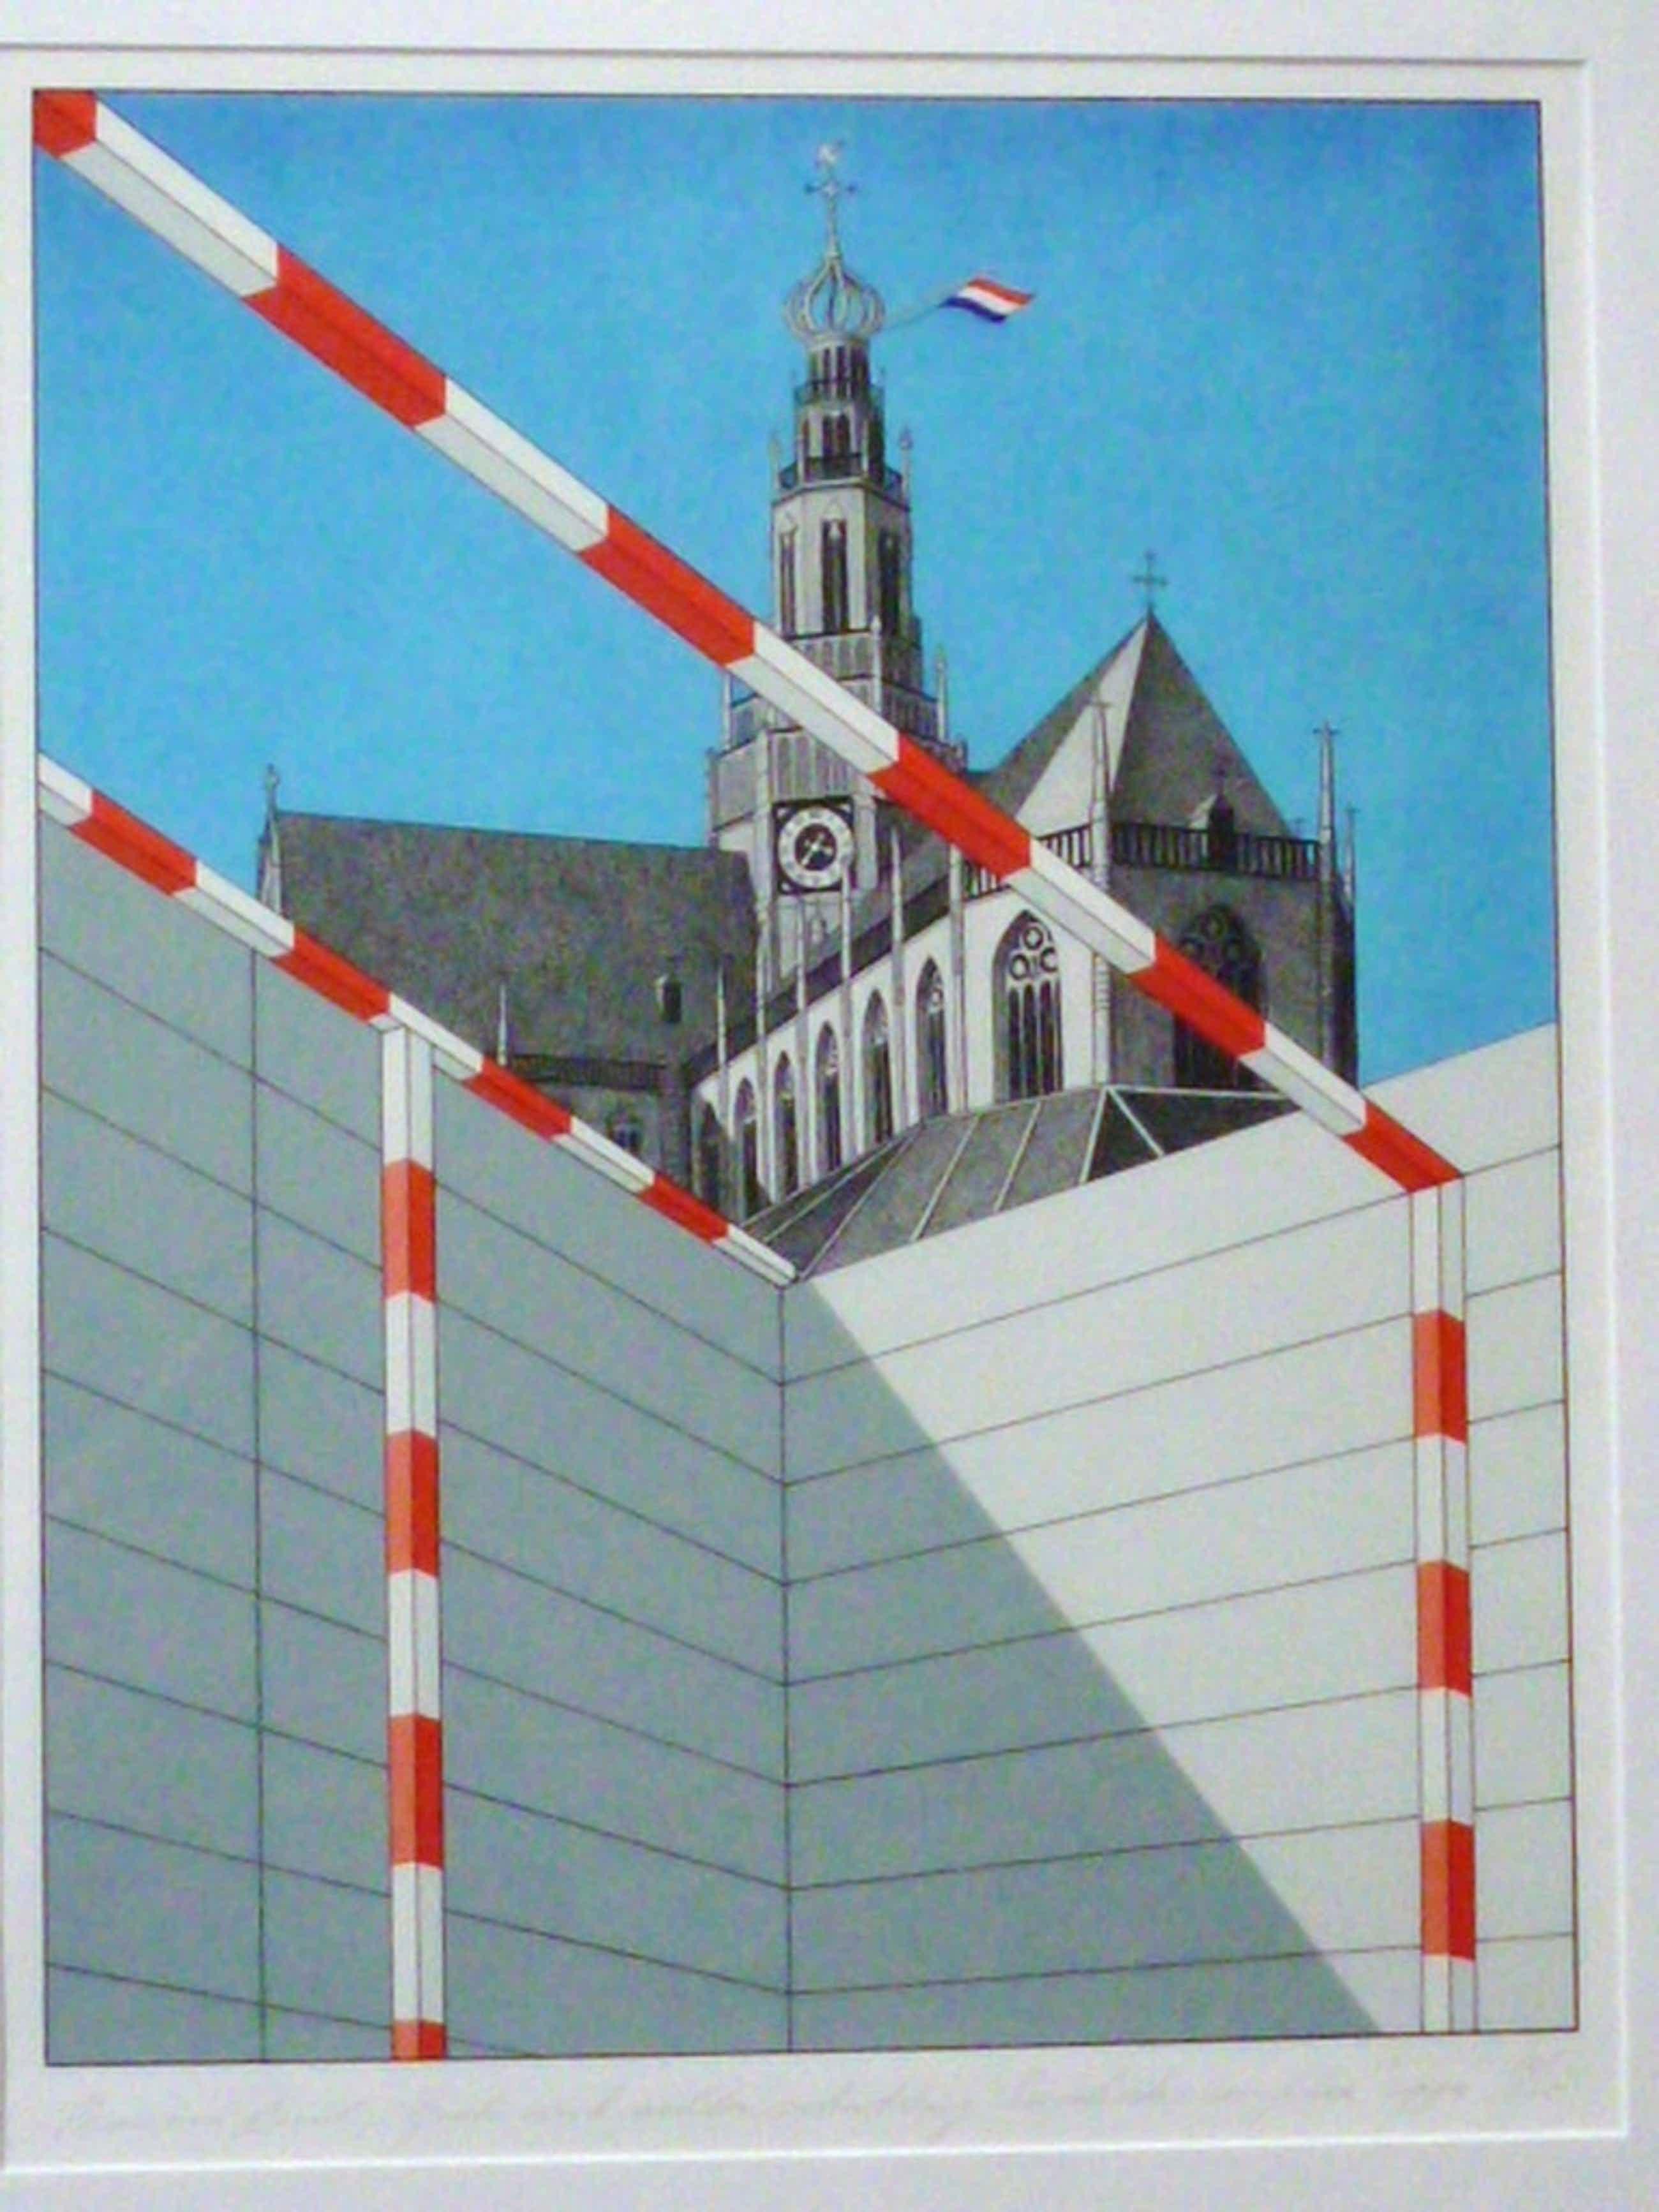 Marinus Fuit - kleurenlitho - Grote Kerk achter schutting Enschede-complex kopen? Bied vanaf 100!